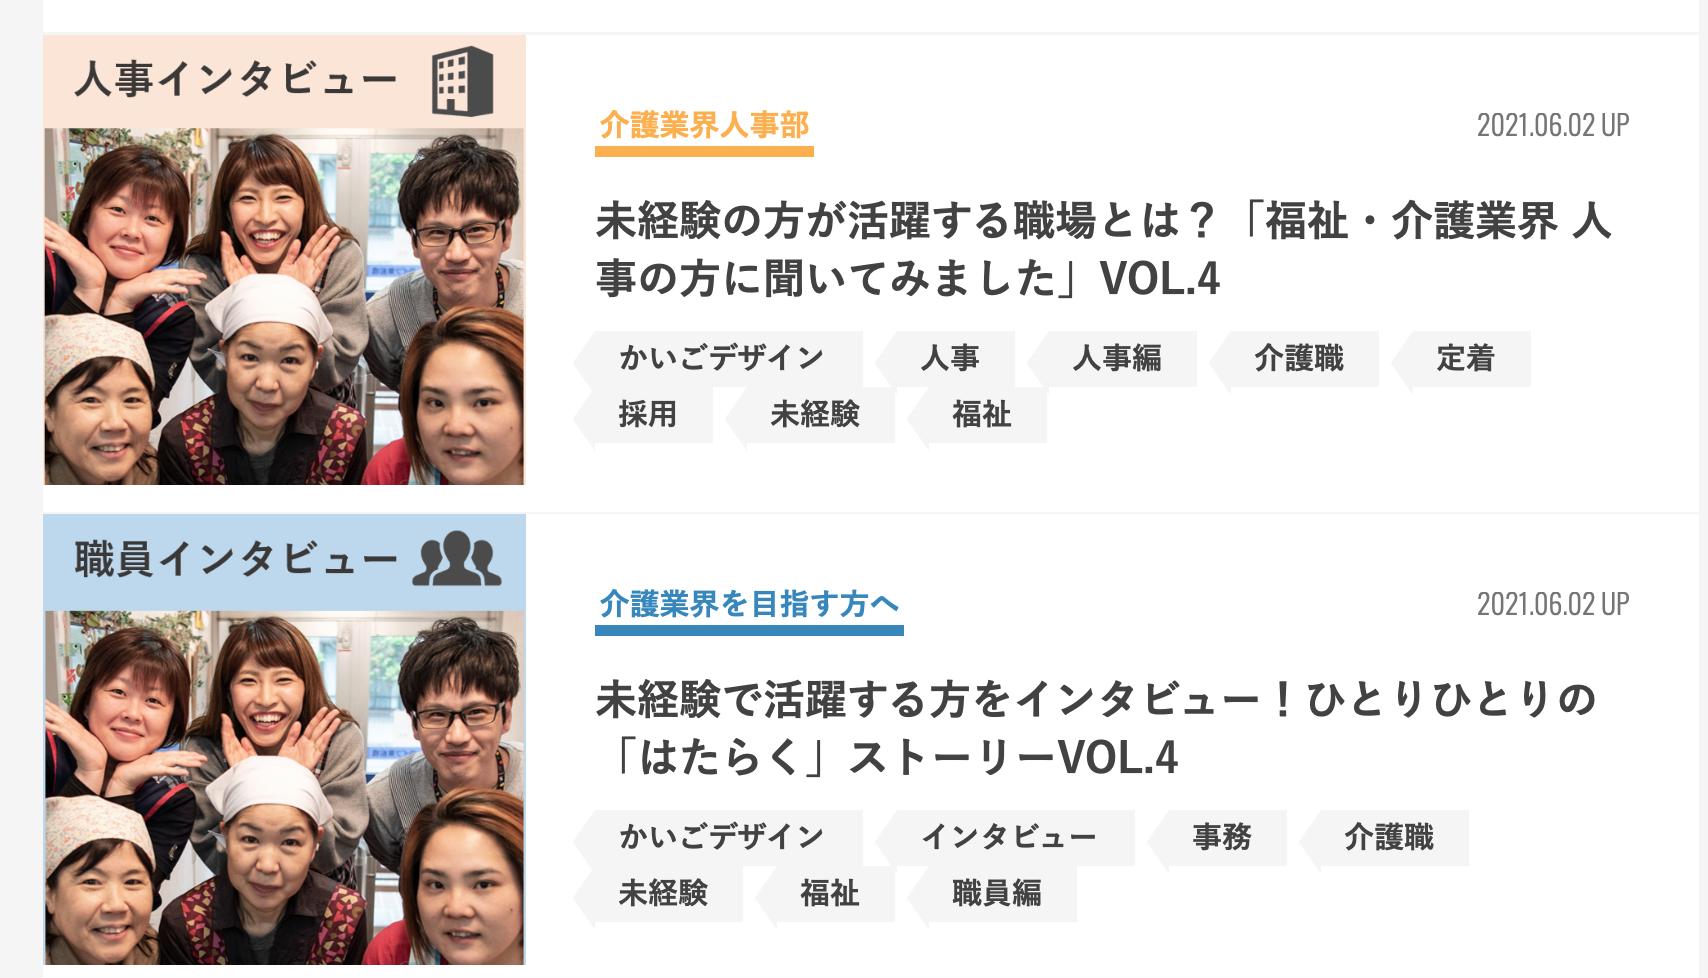 メディア掲載のお知らせ(ヘルプマンジャパン)